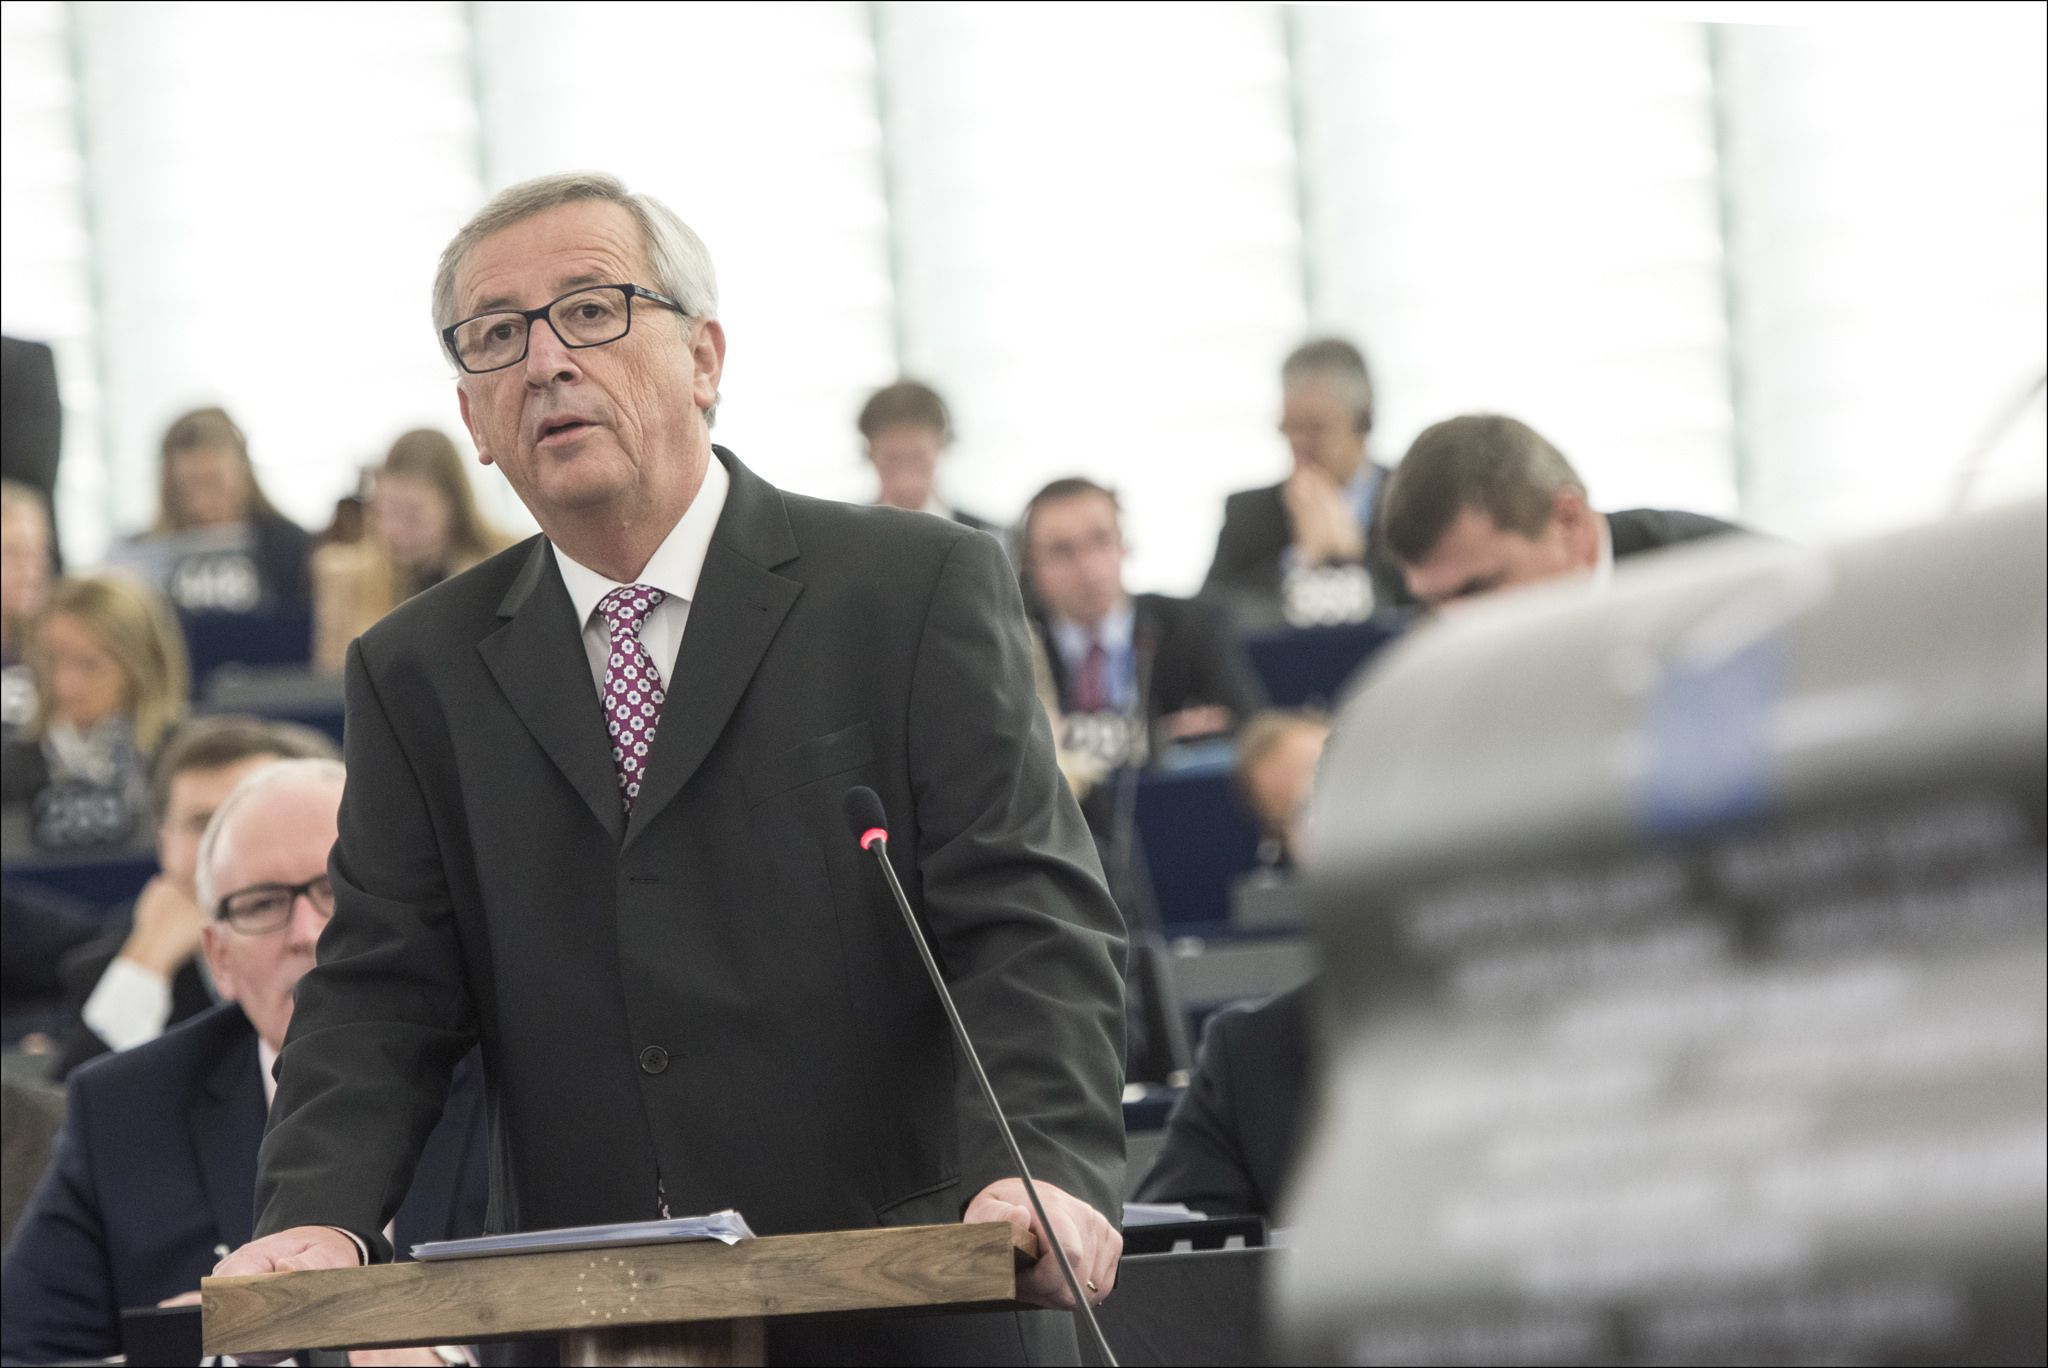 Jean-Claude Juncker en una imagen en el atril. Flickr